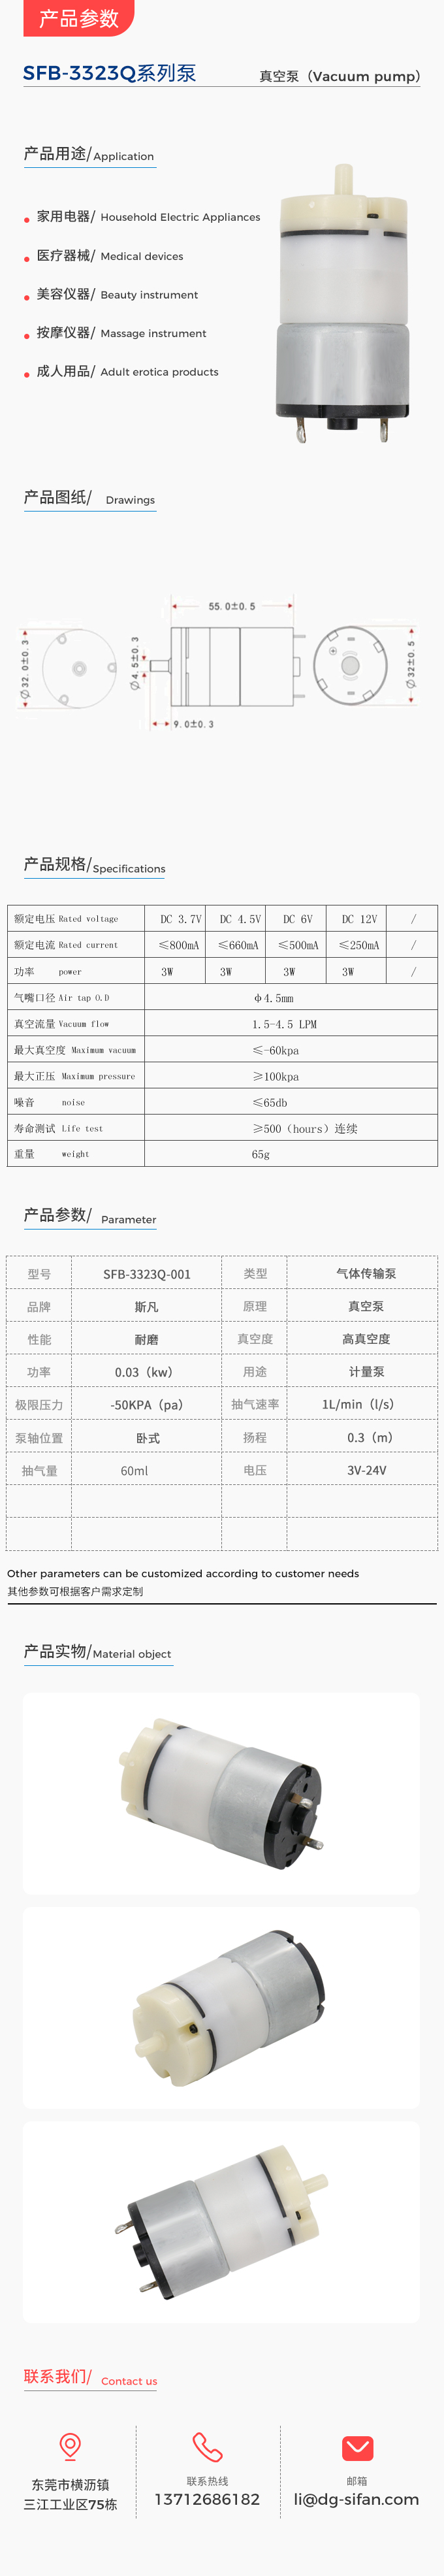 SFB-3323Q-001.jpg